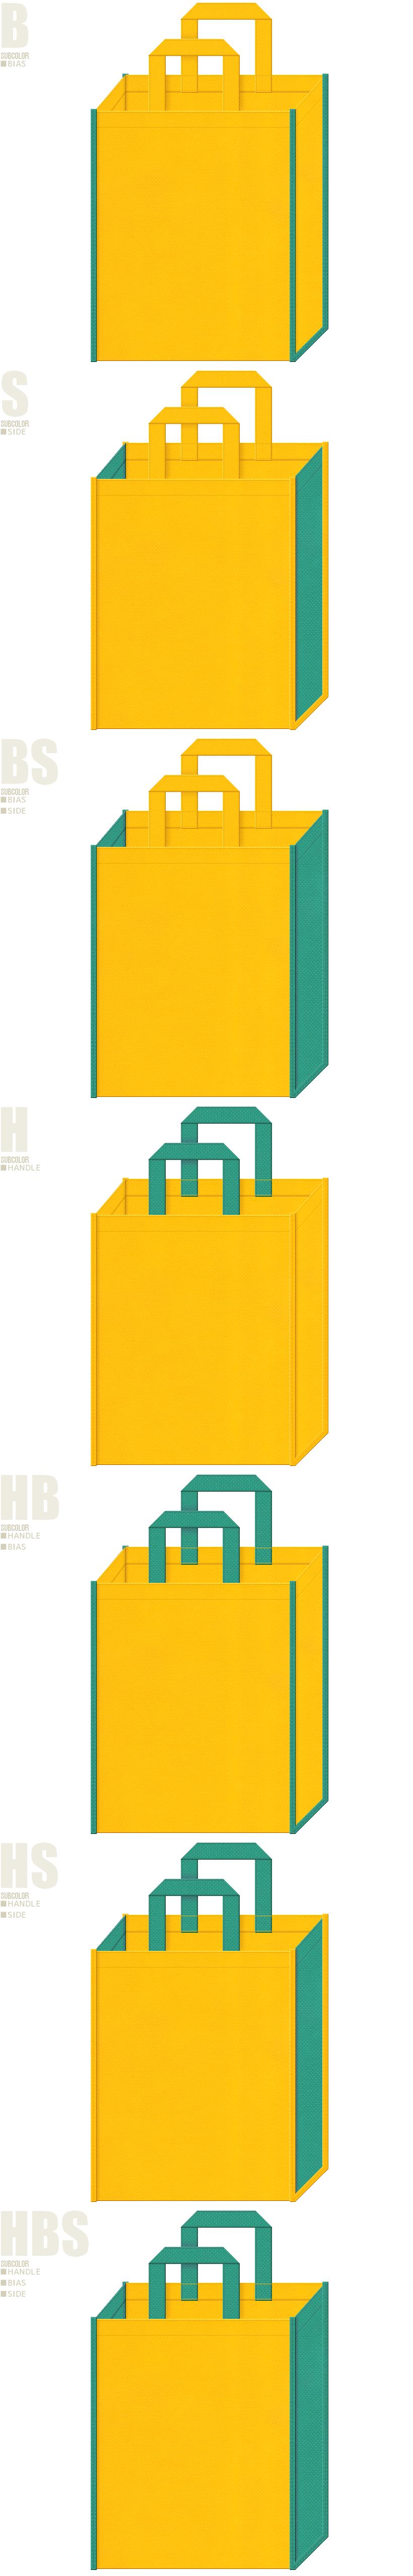 黄色と青緑色、7パターンの不織布トートバッグ配色デザイン例。キッズ向けの不織布バッグにお奨めです。